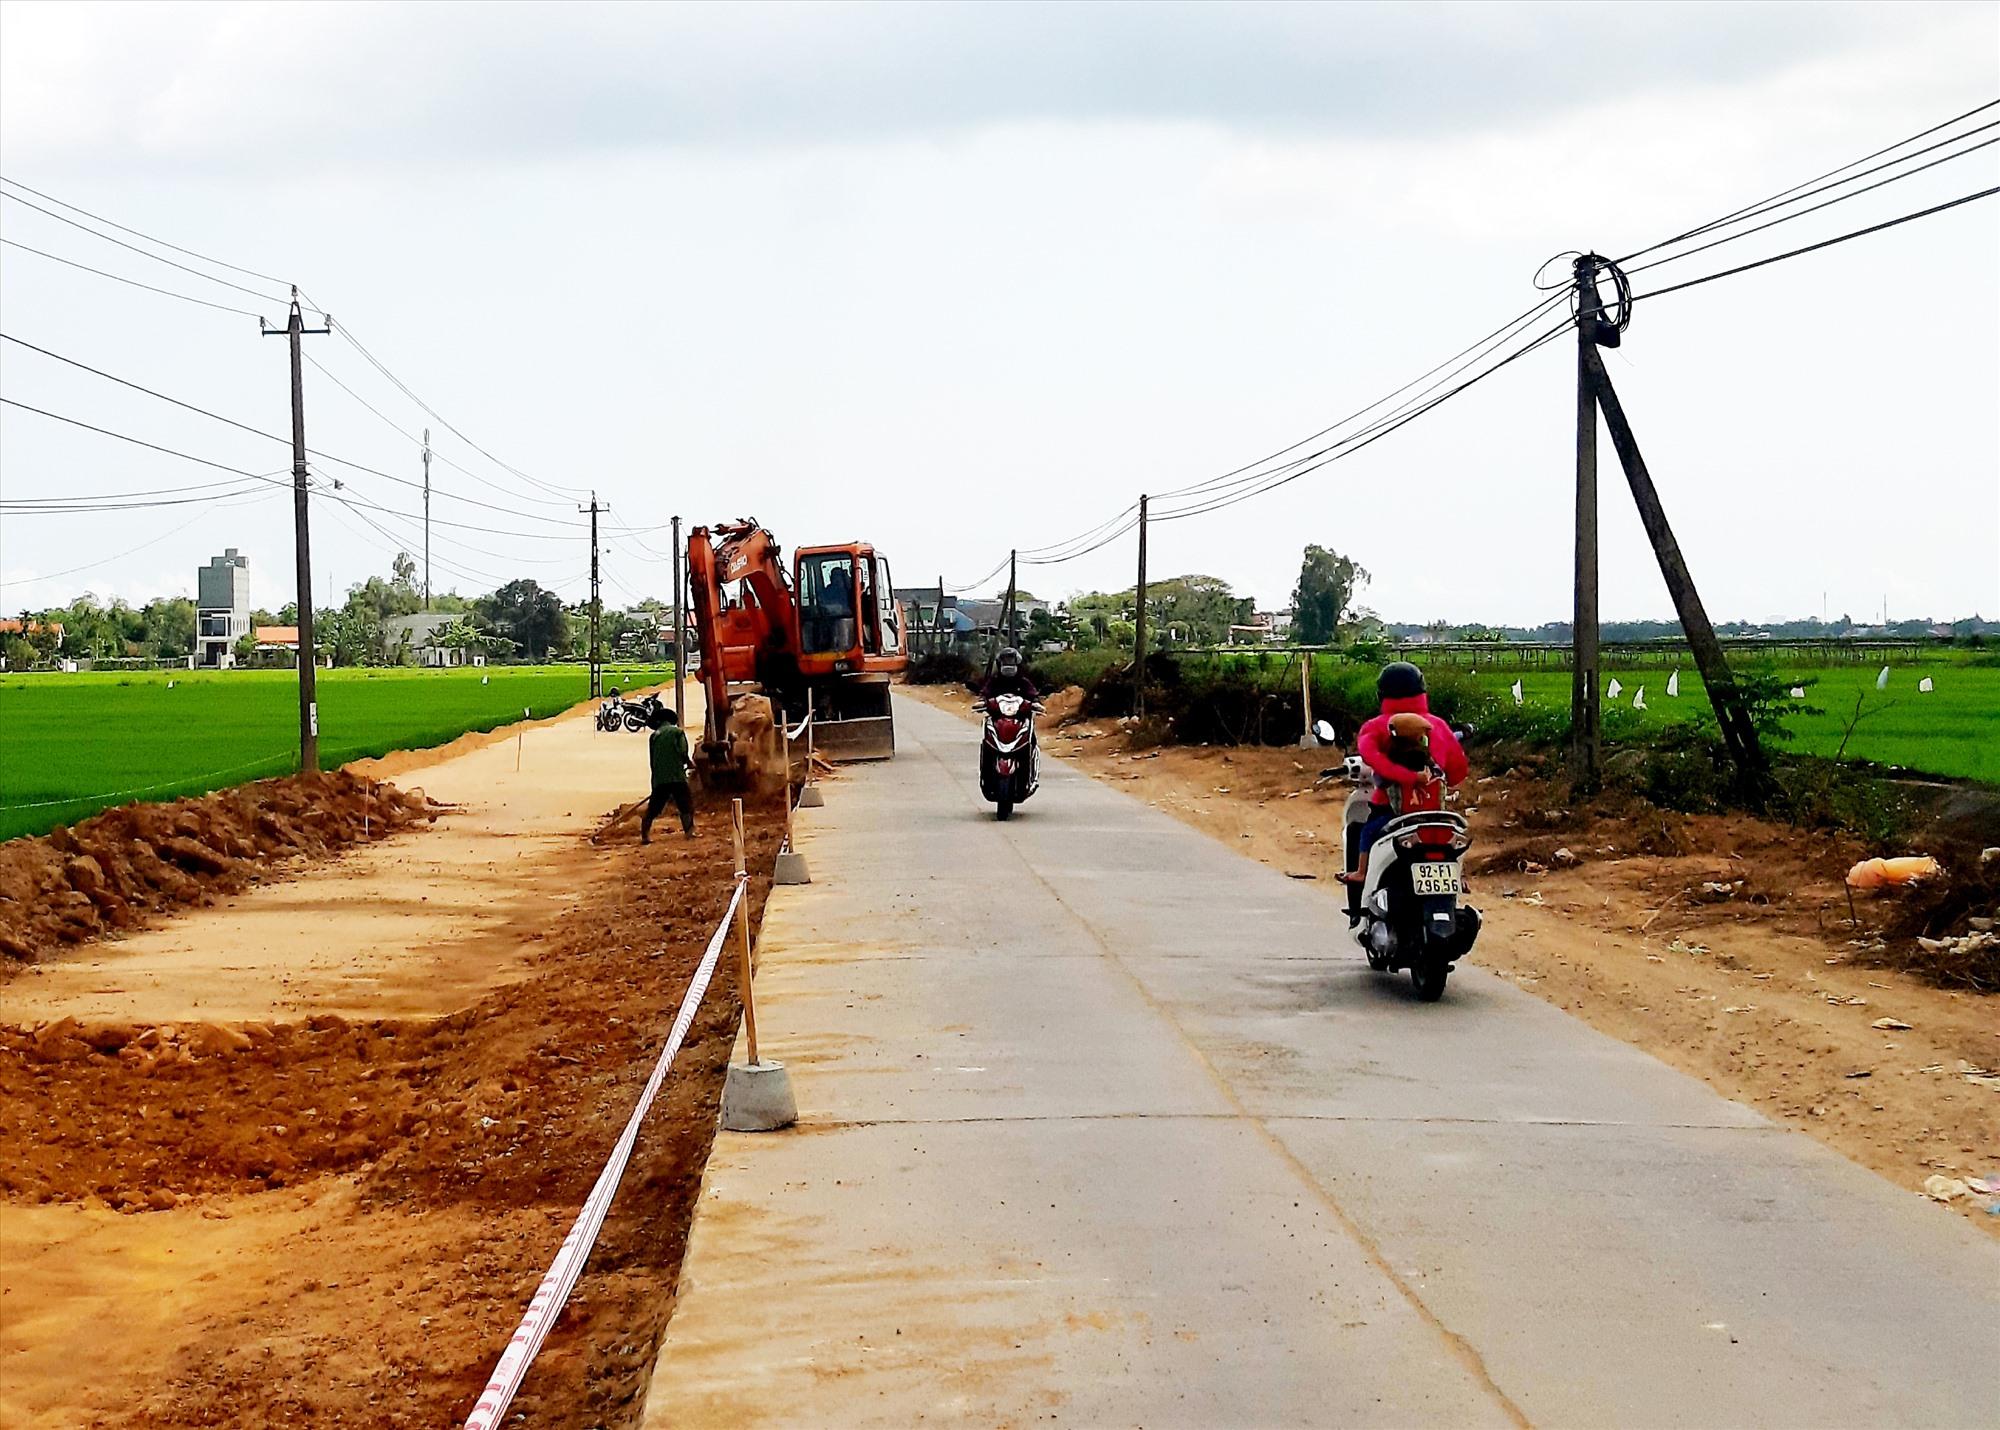 Hiện nay, huyện Duy Xuyên chưa đạt chuẩn tiêu chí về giao thông vì cần phải đầu tư xây dựng thêm 15km tuyến đường ĐH. Ảnh: N.P